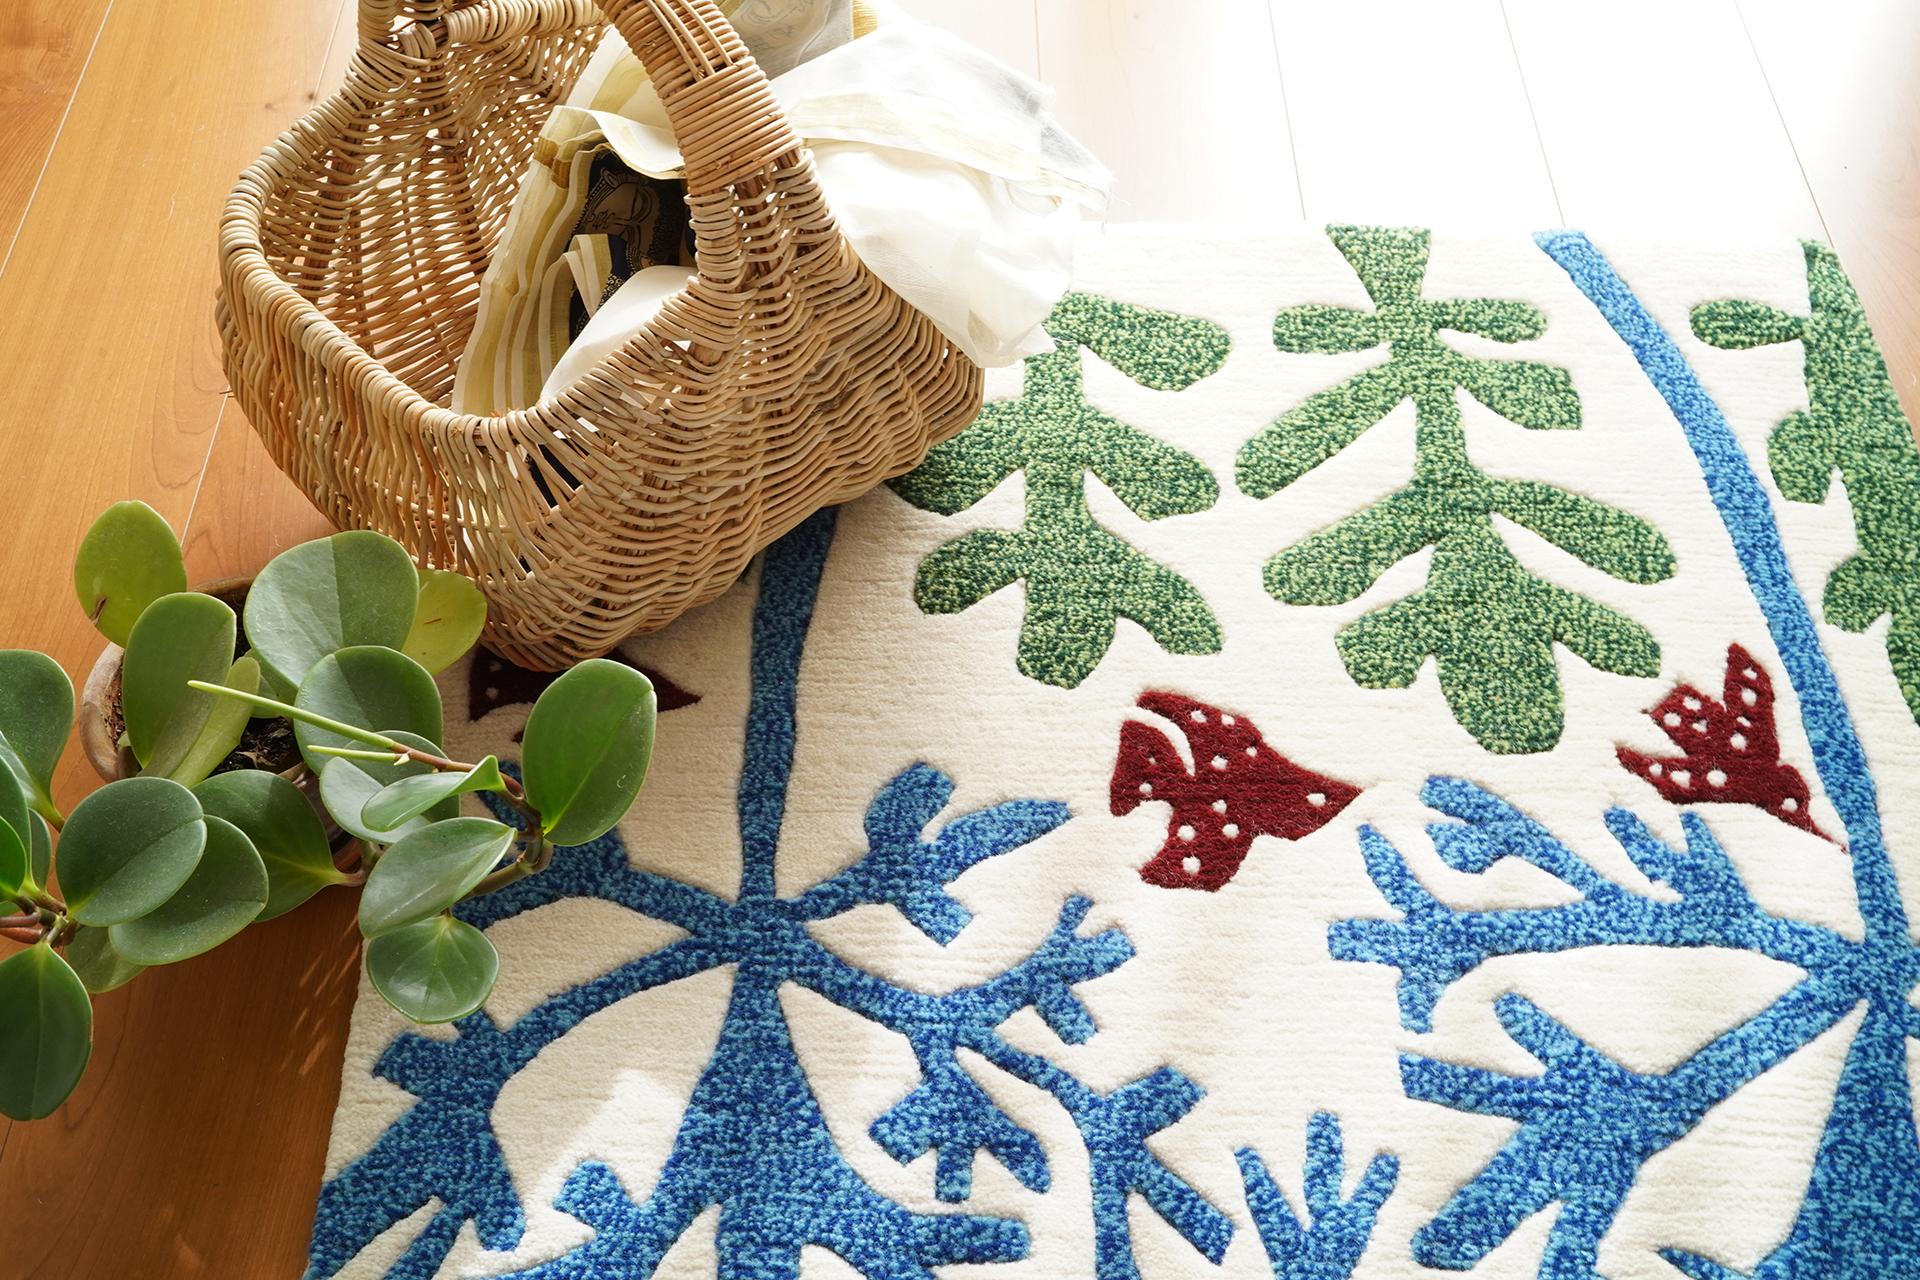 ネパールで手紡ぎ手織りで作られる羊毛100%のラグマットです。